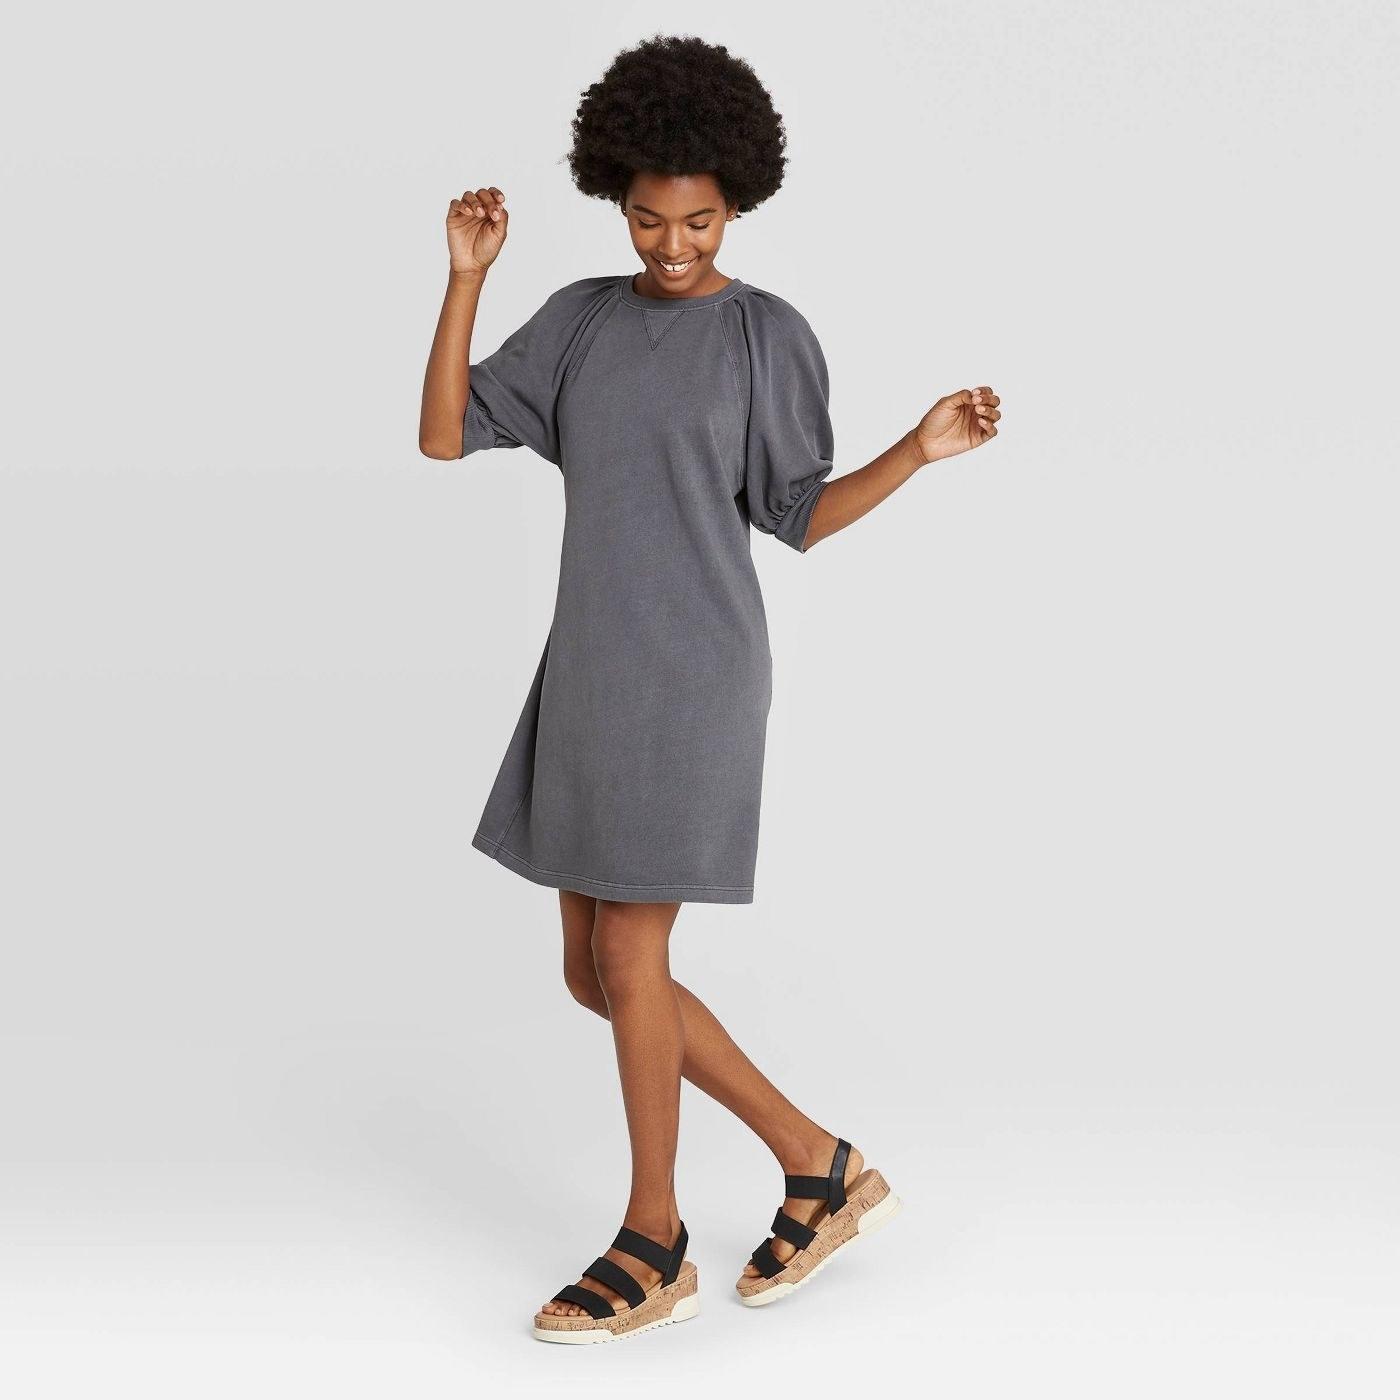 Model wearing dark grey dress